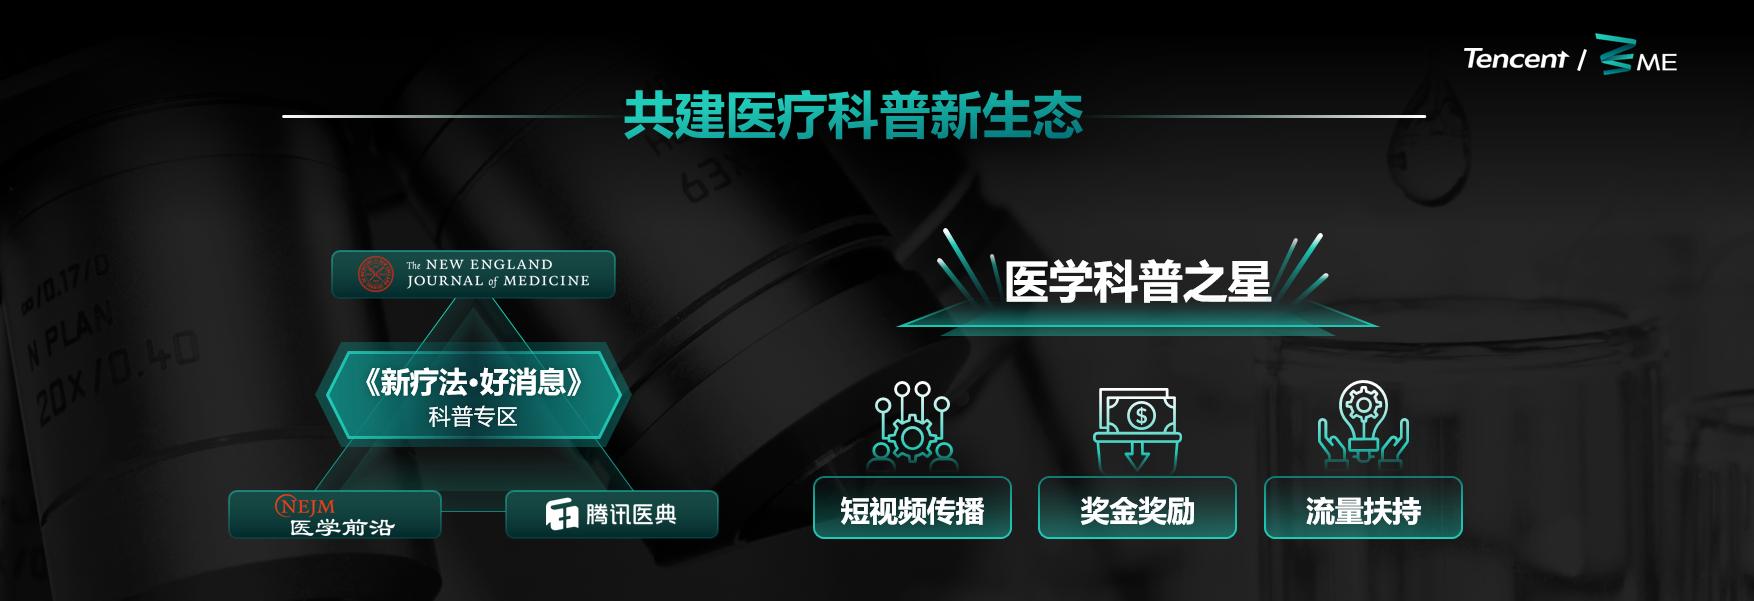 腾讯医典联合《NEJM医学前沿》  启动青年医生短视频大赛